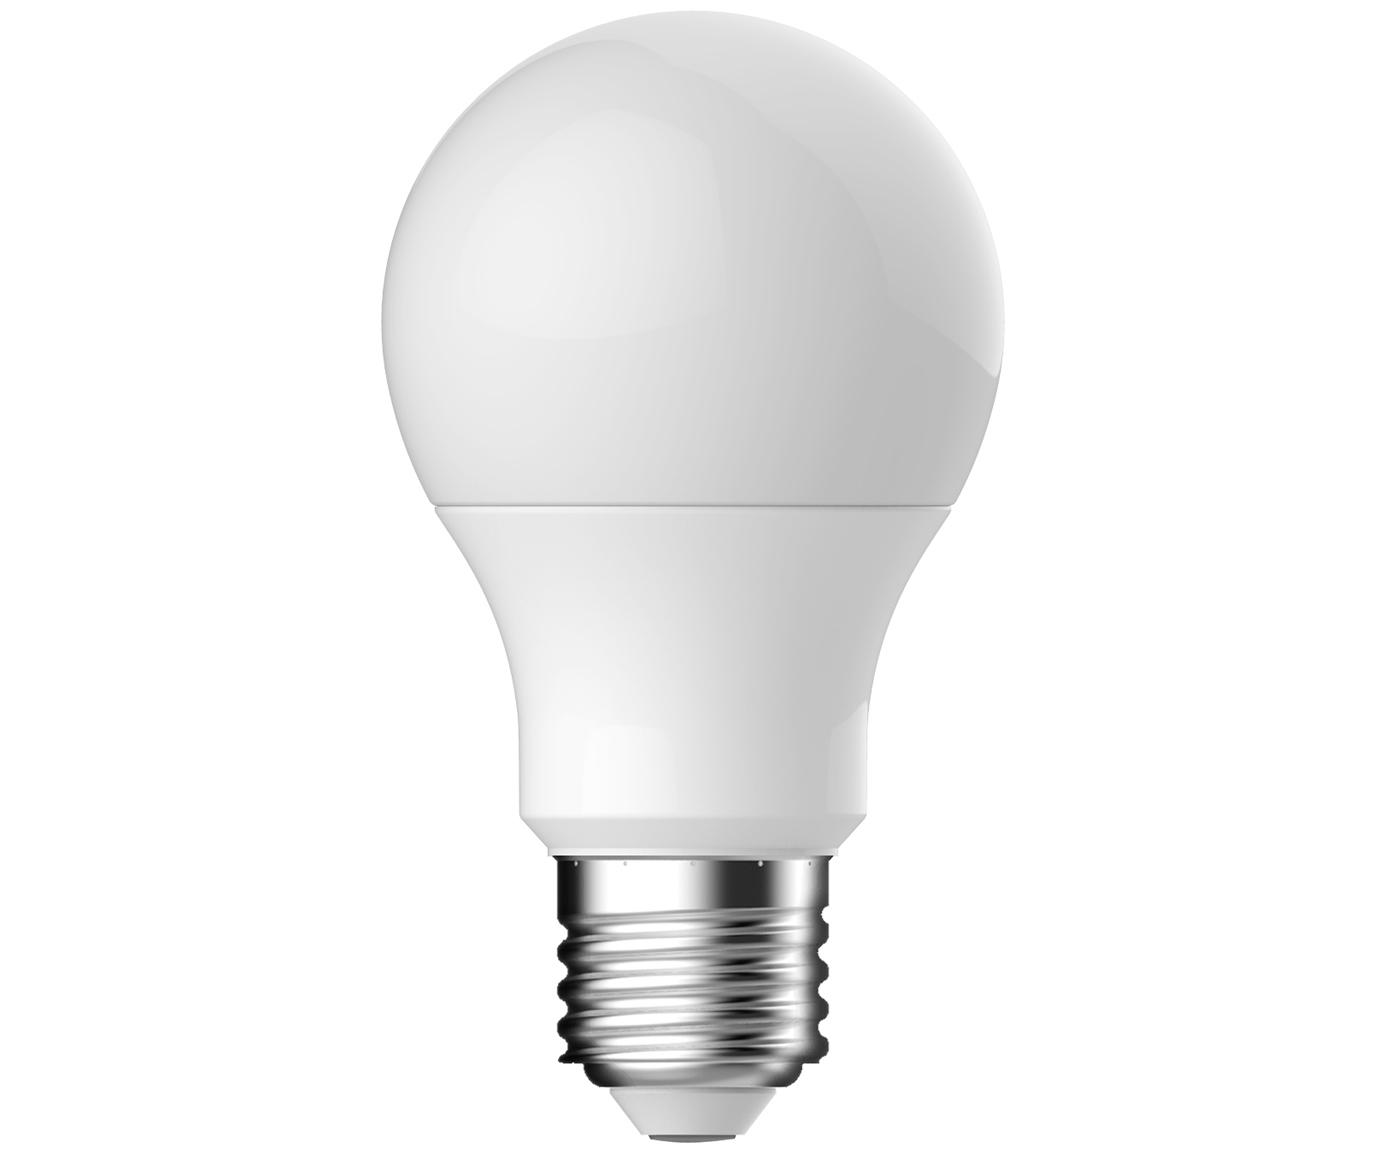 Żarówka LED z funkcją przyciemniania Frost (E27/11W), Biały, Ø 6 x W 11 cm